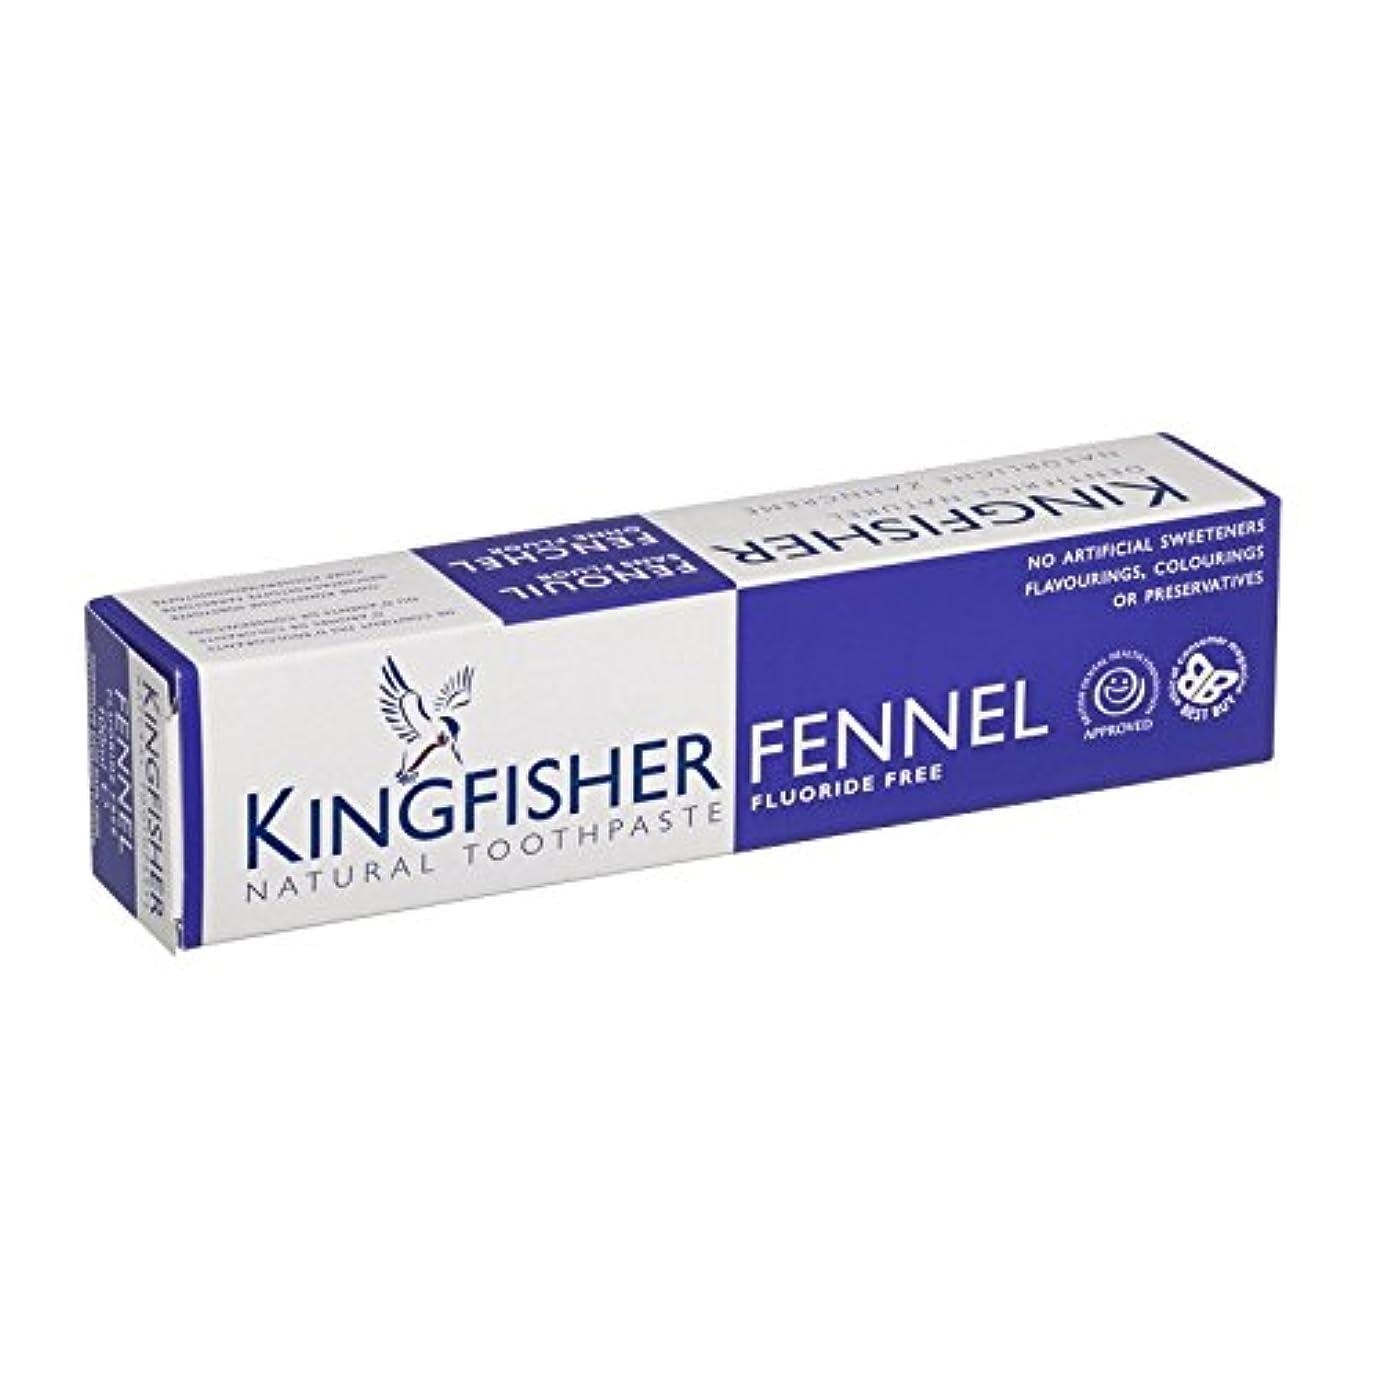 ハイライトスピン九カワセミフッ化物無料ウイキョウ歯磨き粉 - Kingfisher Fluoride Free Fennel Toothpaste (Kingfisher) [並行輸入品]